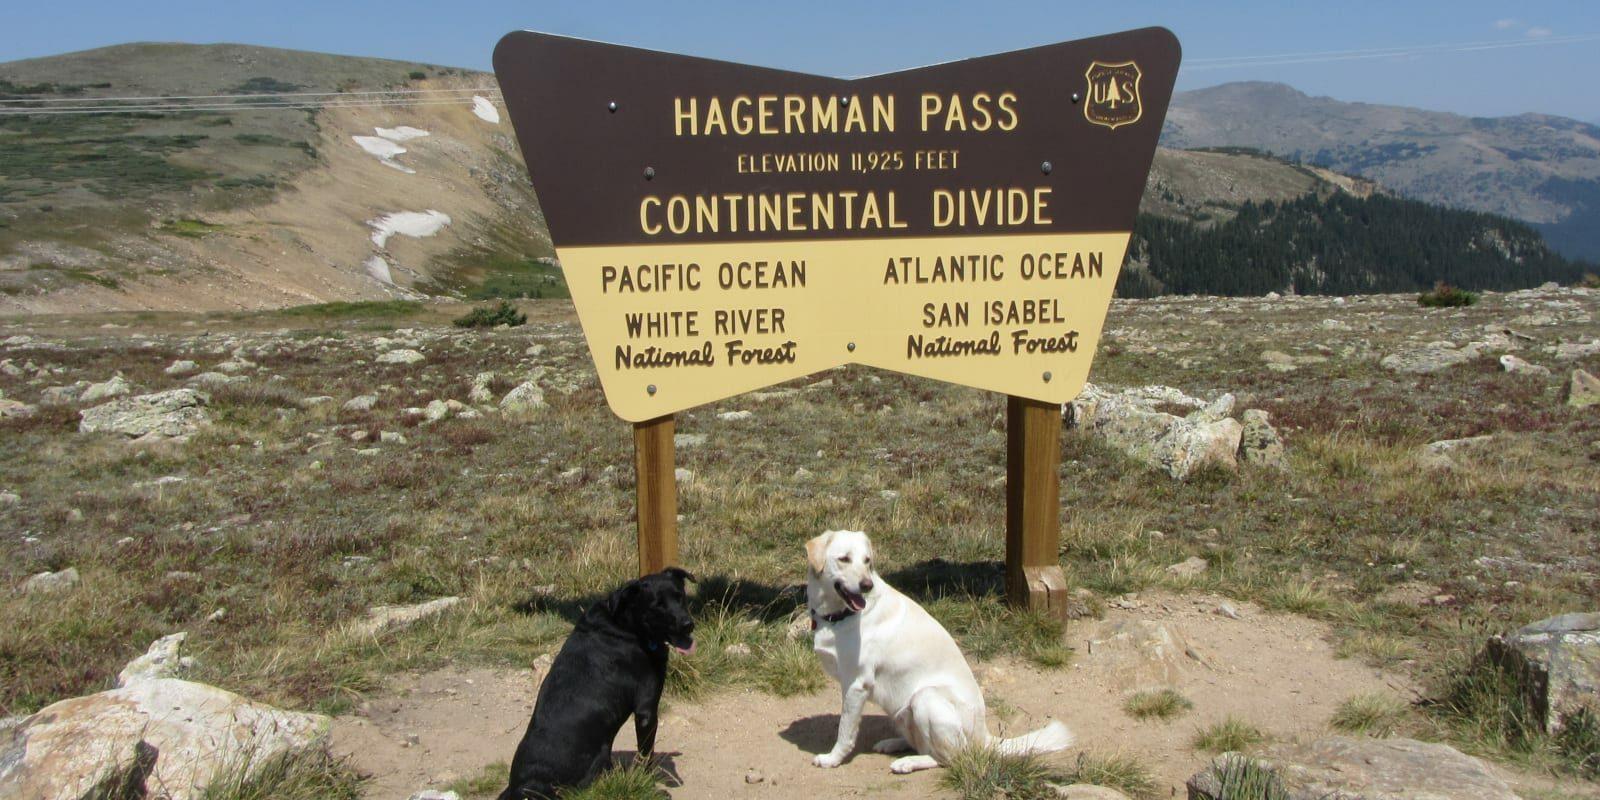 Hagerman Pass, Colorado